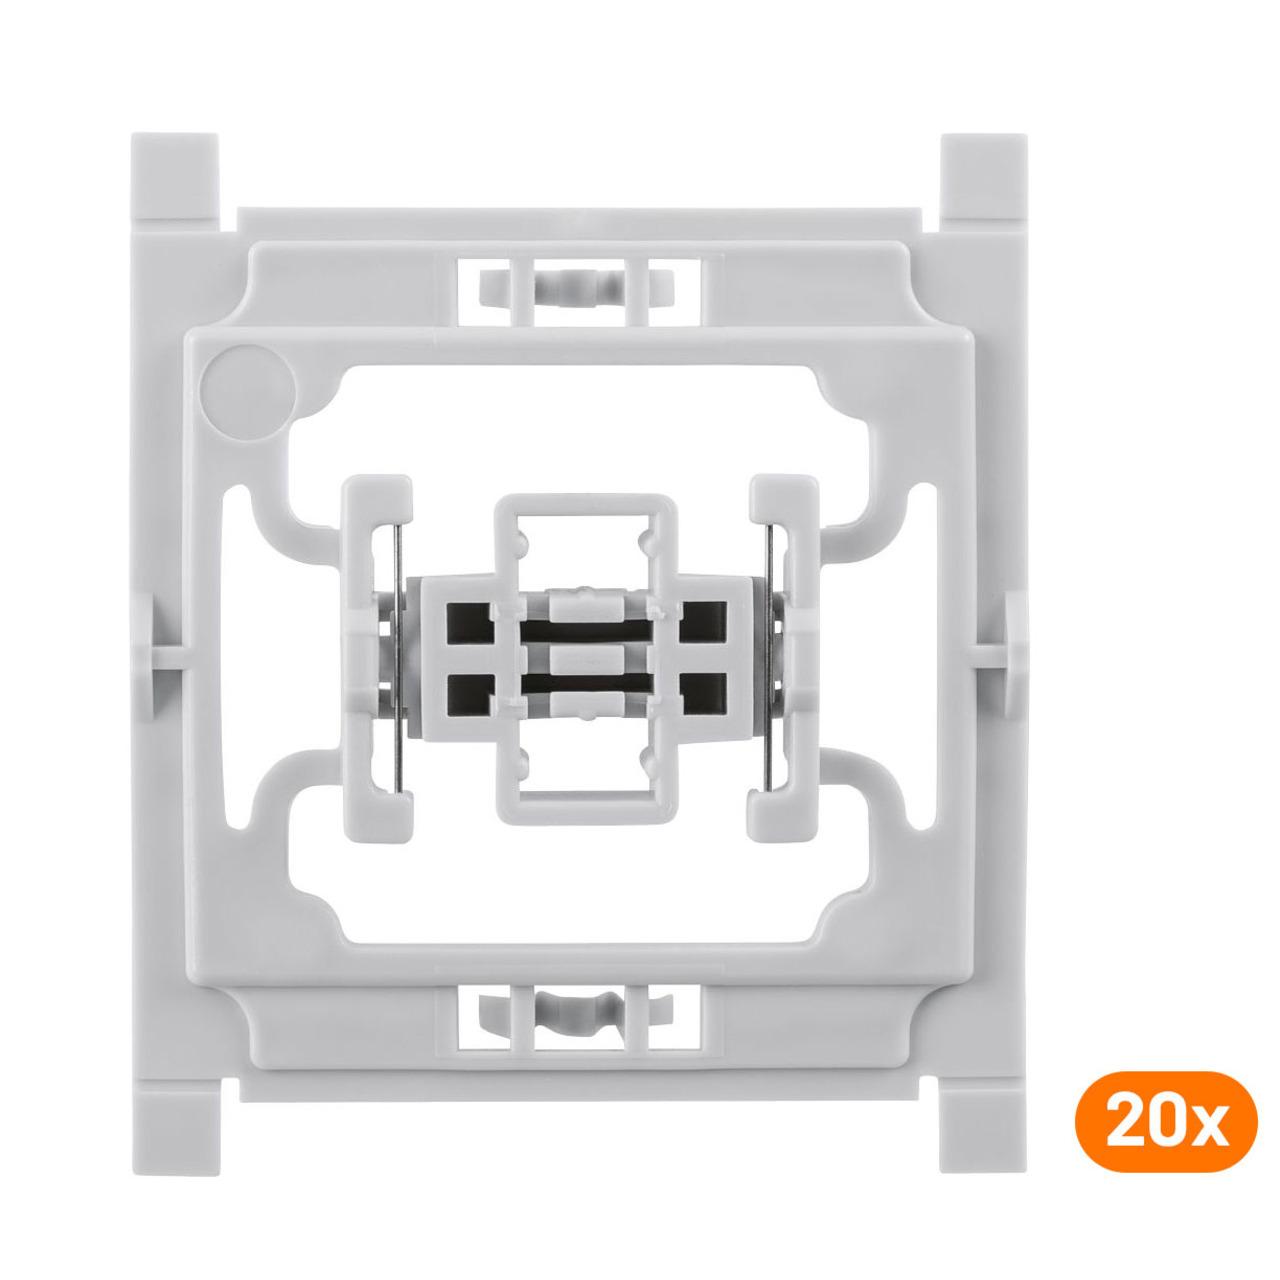 Installationsadapter für Siemens-Schalter- 20er-Set- für Smart Home - Hausautomation